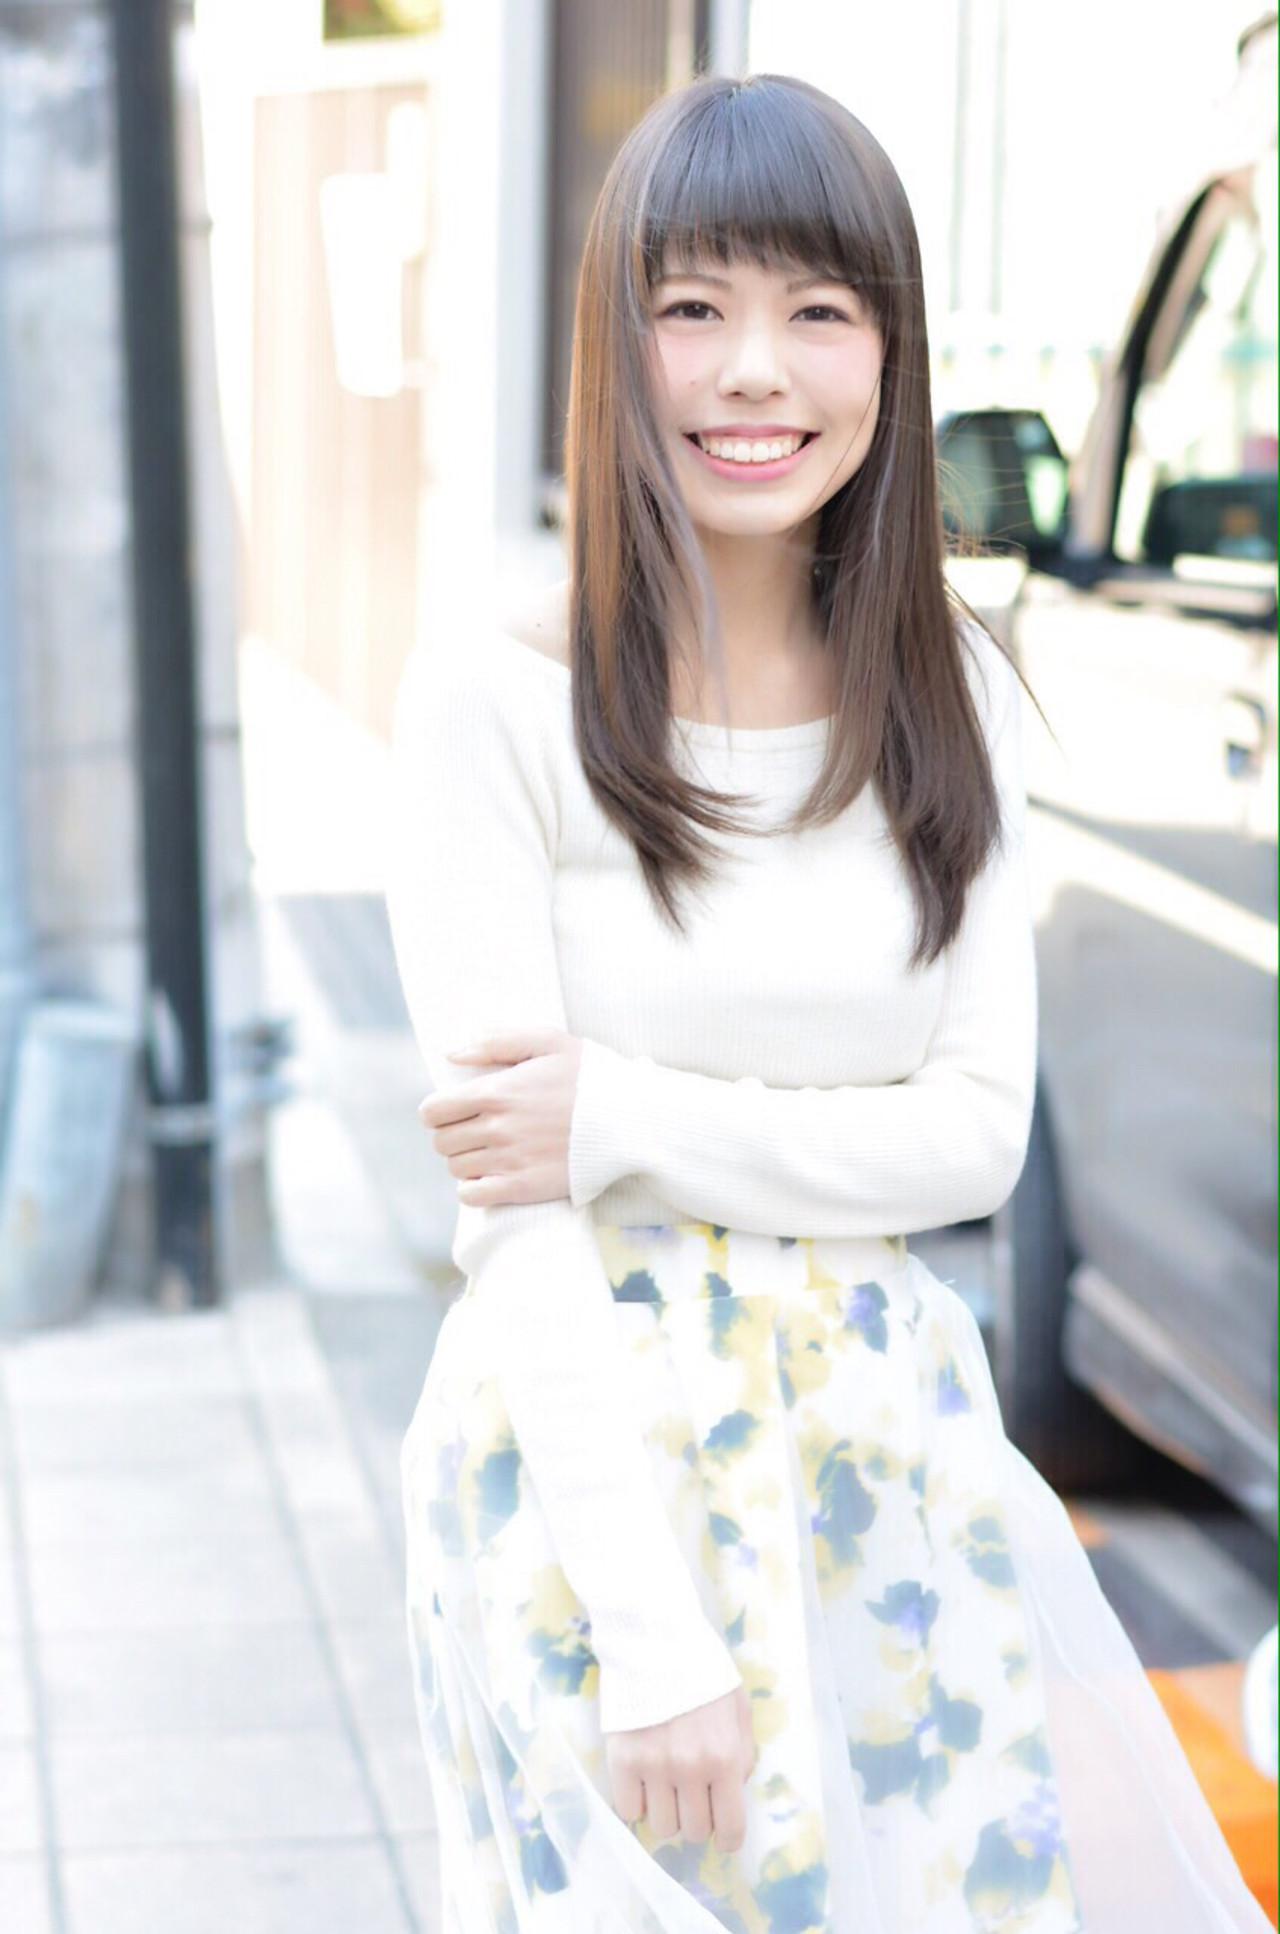 アシメな髪型トレンドカタログ2017♡セルフカット・アレンジ技も伝授♪ きりん